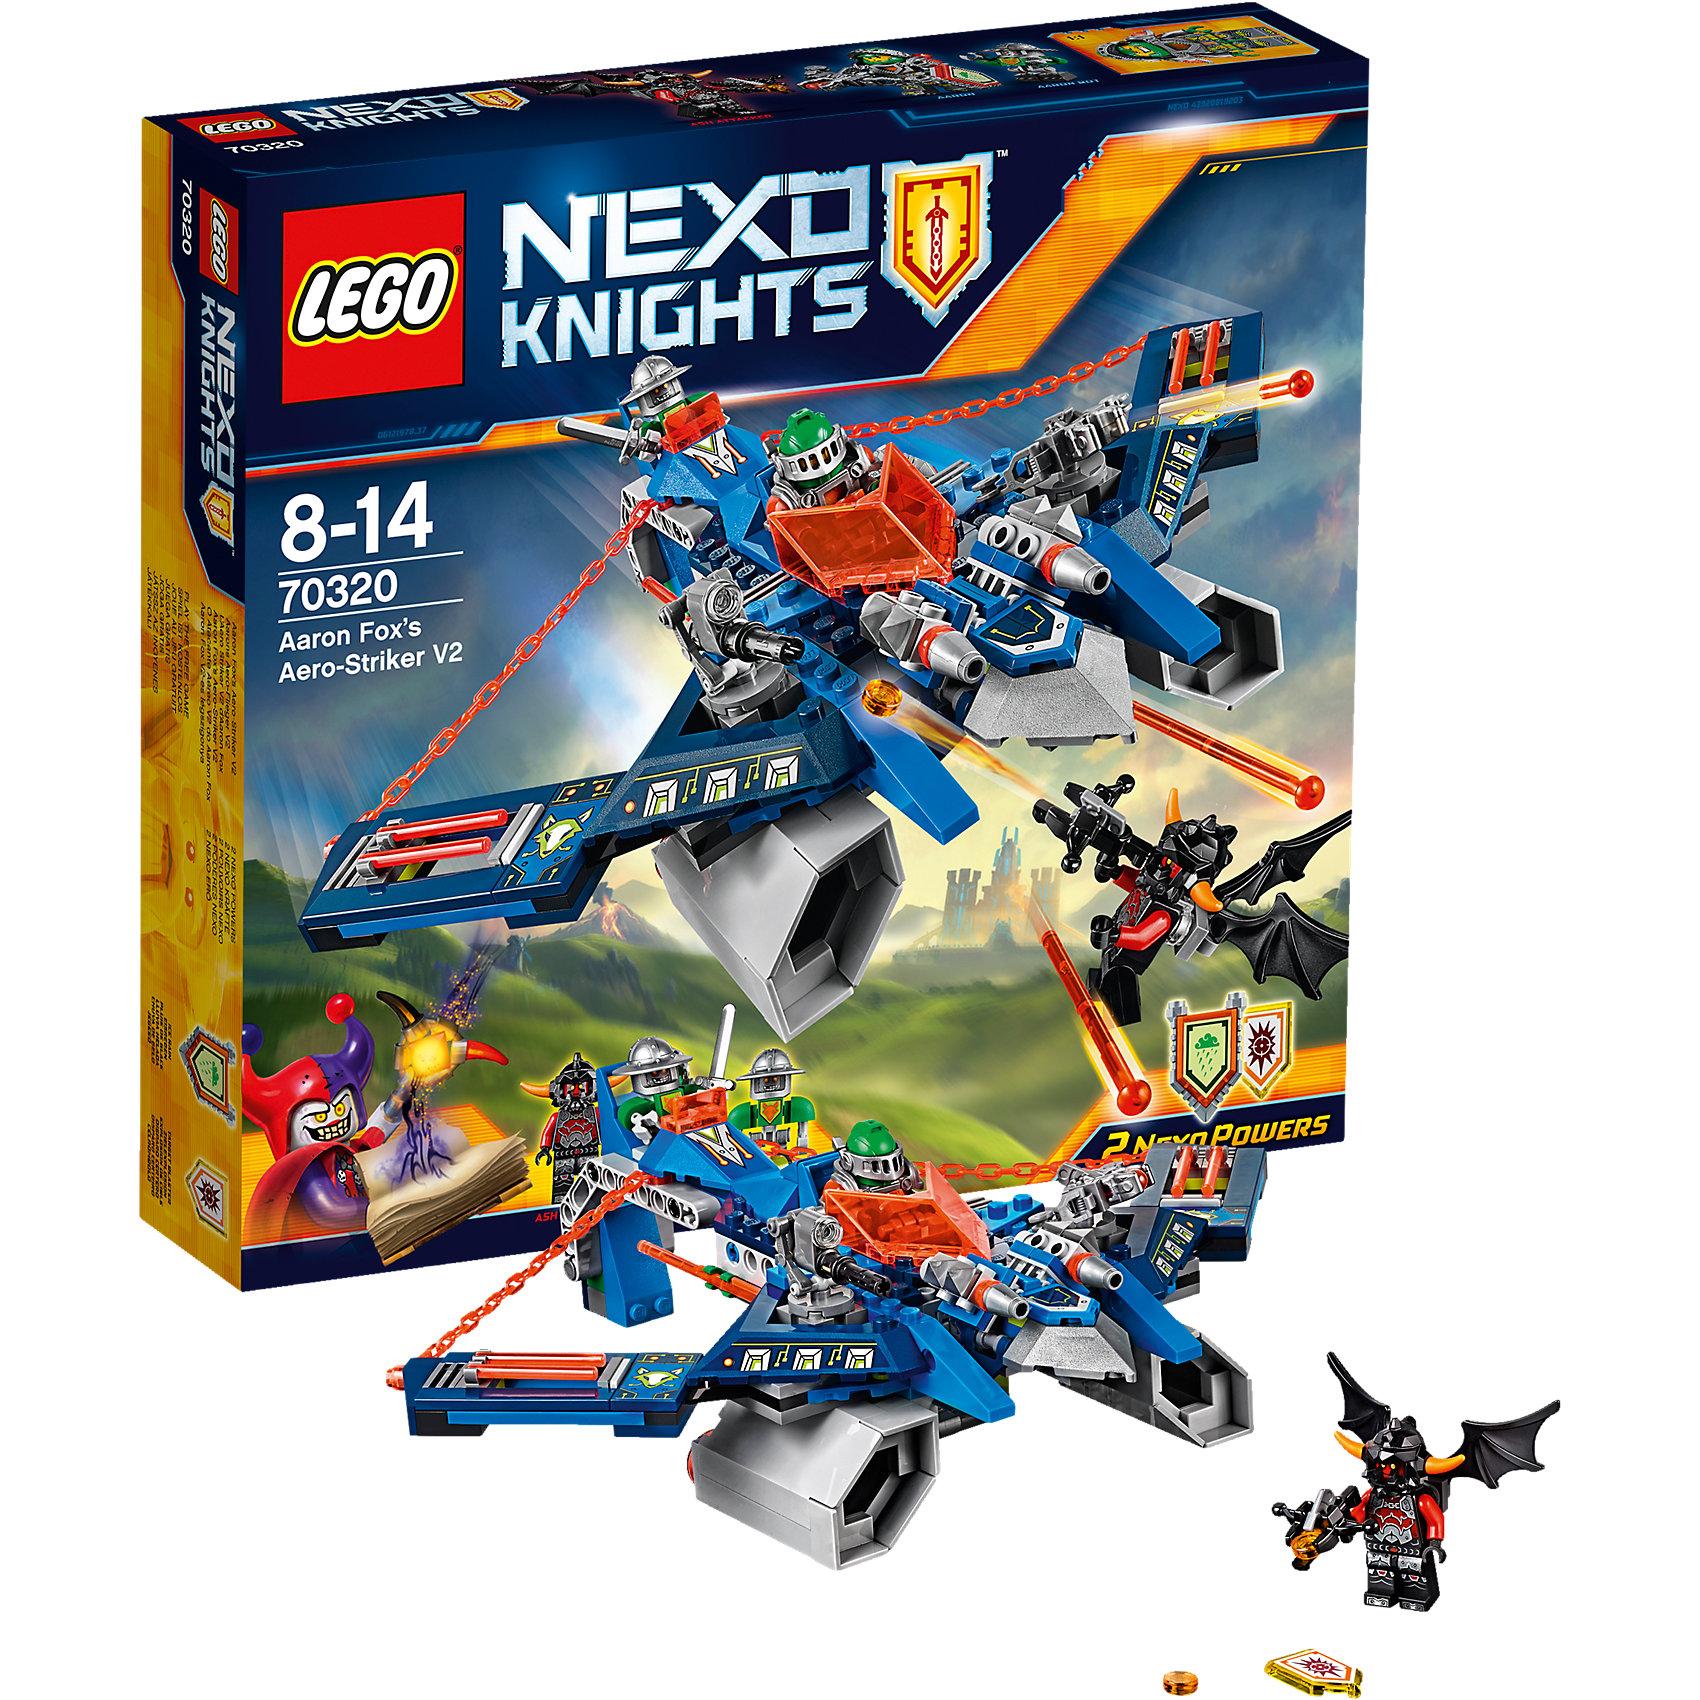 LEGO NEXO KNIGHTS 70320: Аэро-арбалет АаронаПогрузись в футуристический мир LEGO Nexo Knightsс удивительным аэро-арбалетом и превратись в Аарона Фокса, используя флайер «2 в 1» как арбалет! Сражайся против Лавовых монстров, нажимая на спусковой механизм, чтобы стрелять сразу из двух пружинных шутеров. Затем отправь Аарона против крылатого Пеплометателя и стреляй из арбалета-шутера или выпусти рыцаря на стреловидном флайере и предоставь управление боту Аарона! В набор входят щиты для сканирования, дающие 2 NEXO Силы: Ледяной дождь и Умный бластер.<br><br>LEGO Nexo Knights ( ЛЕГО Нексо Найт) - это невероятный мир прогресса и новых технологий, в котором все же нашлось место для настоящих рыцарей, магии и волшебства. Удивительное сочетание футуризма и средневековой романтики увлекает и детей, и взрослых, а множество наборов серии и высокая детализация позволяют создать свой волшебный мир Nexo Knights!<br><br>Дополнительная информация:<br><br>- Конструкторы ЛЕГО развивают усидчивость, внимание, фантазию и мелкую моторику. <br>- Количество деталей: 301. <br>- 3 минифигурки.<br>- 3 минифигурки, аэро-арбалет, аксессуары. <br>- Серия ЛЕГО Нексо Найт (LEGO Nexo Knights).<br>- Материал: пластик.<br>- Размер упаковки: 28х6х26 см.<br>- Вес: 0.481 кг.<br><br>Конструктор LEGO Nexo Knights 70320: Аэро-арбалет Аарона можно купить в нашем магазине.<br><br>Ширина мм: 282<br>Глубина мм: 264<br>Высота мм: 63<br>Вес г: 499<br>Возраст от месяцев: 96<br>Возраст до месяцев: 168<br>Пол: Мужской<br>Возраст: Детский<br>SKU: 4641206